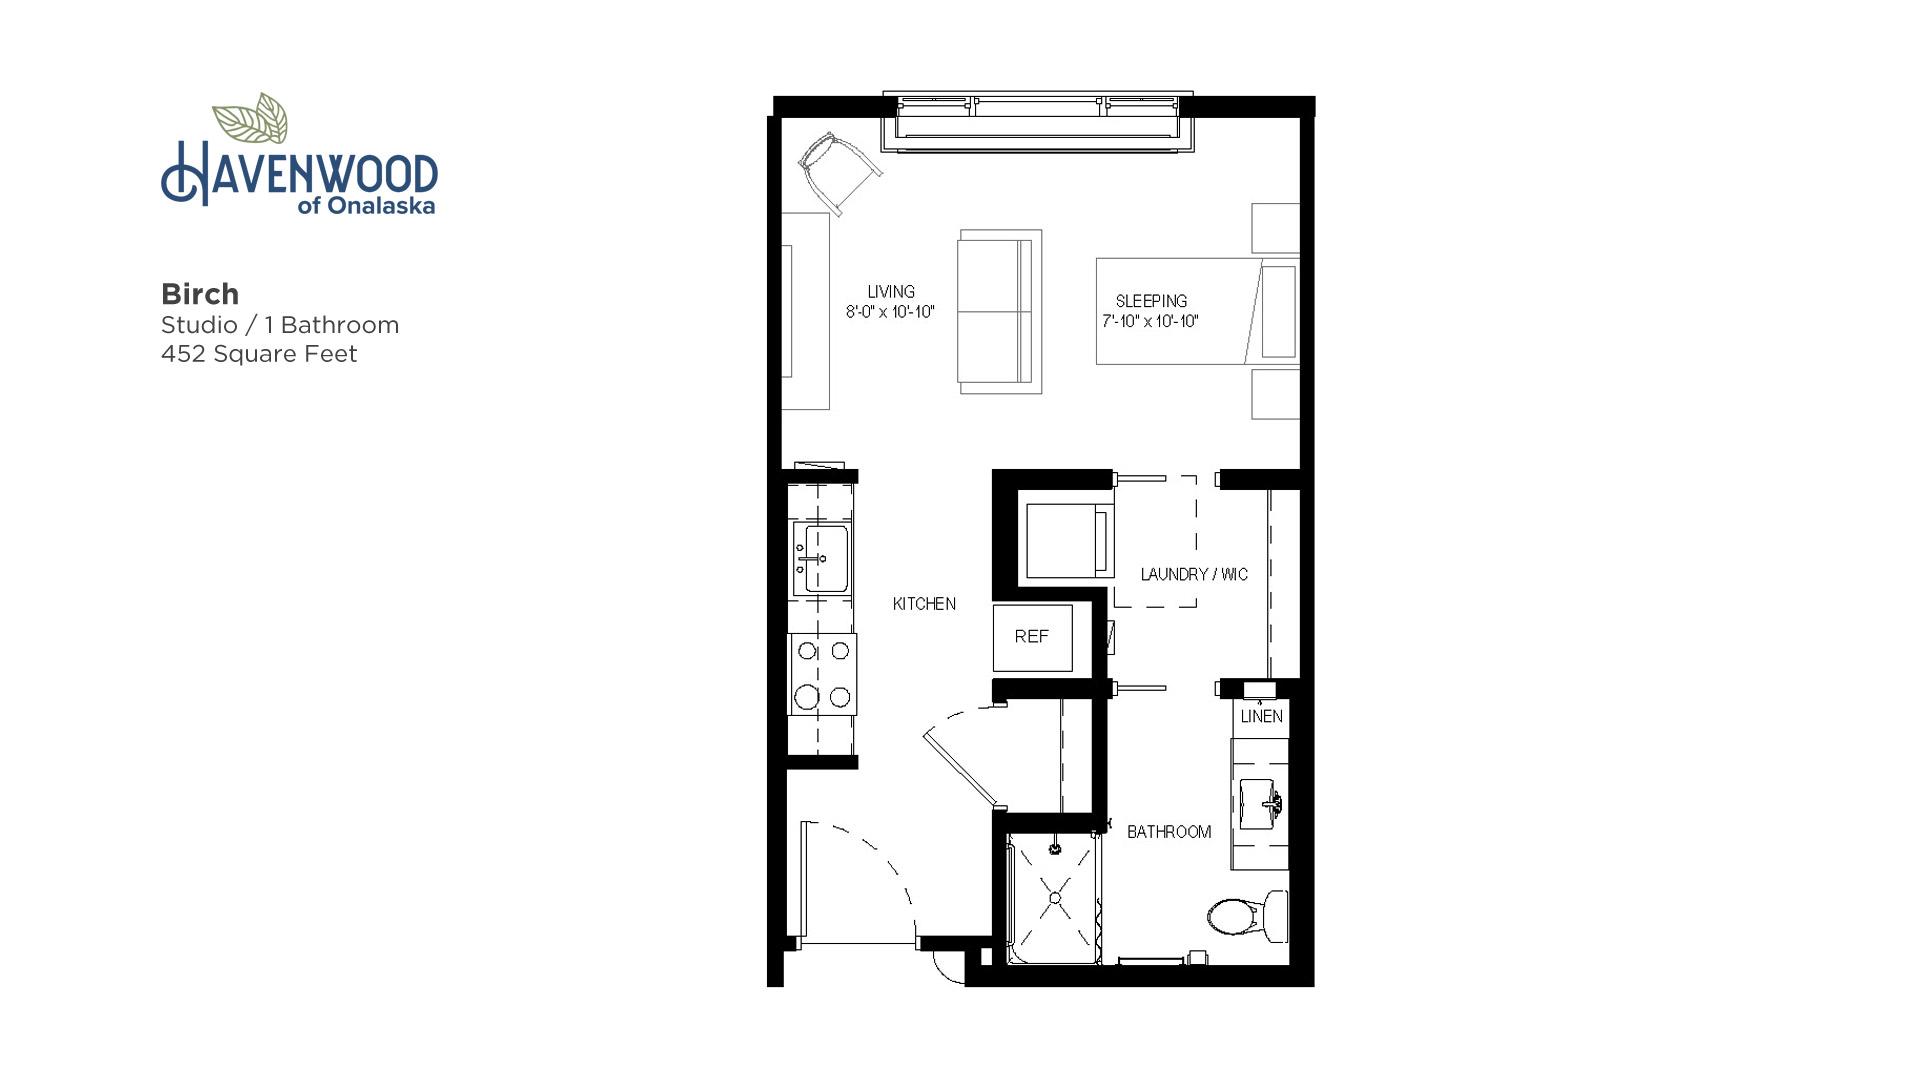 Havenwood of Onalaska Birch Floor Plan